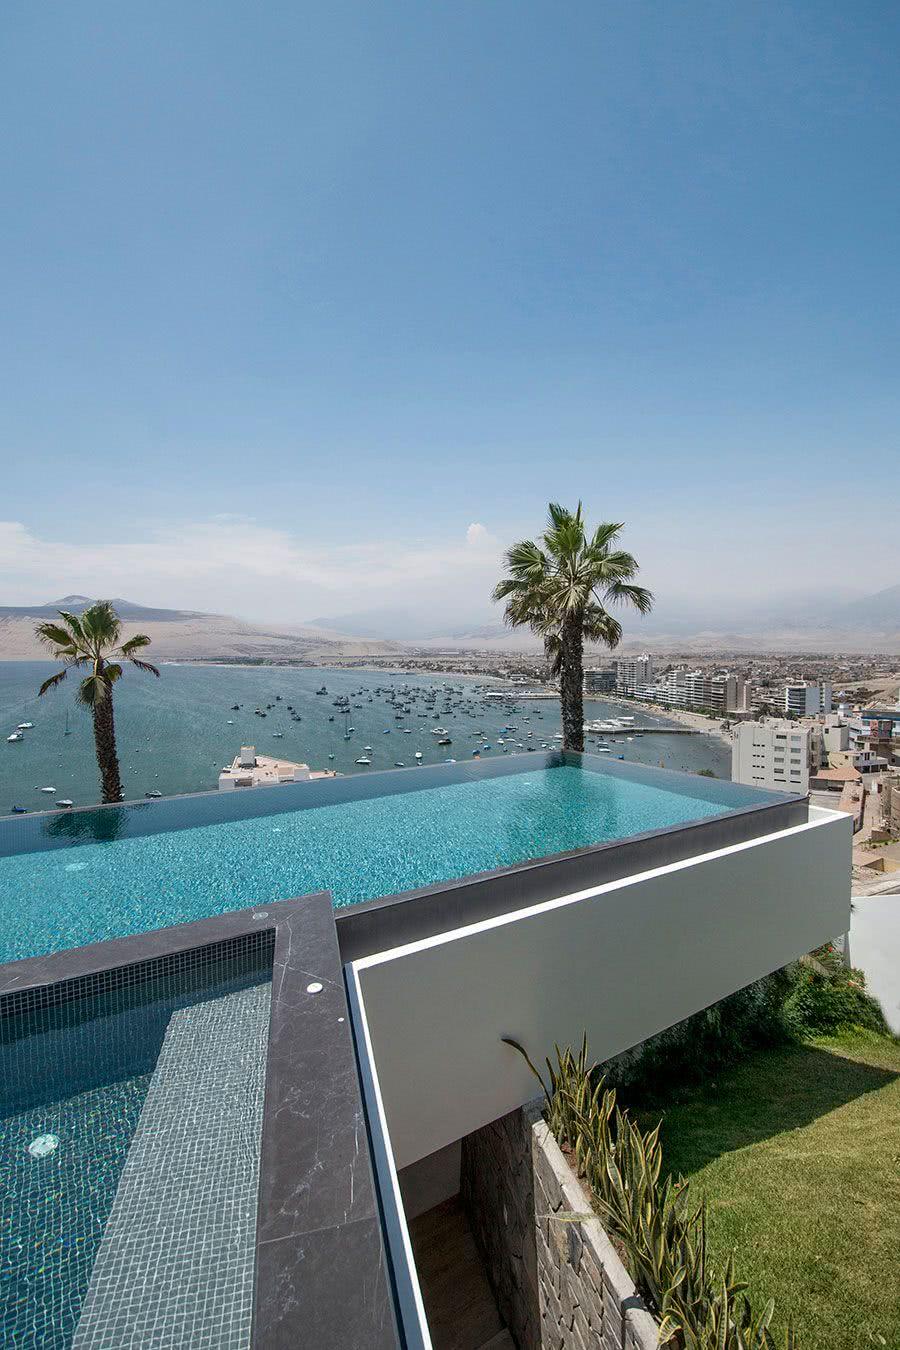 L'impression que la piscine est en mouvement assure une meilleure vue du paysage